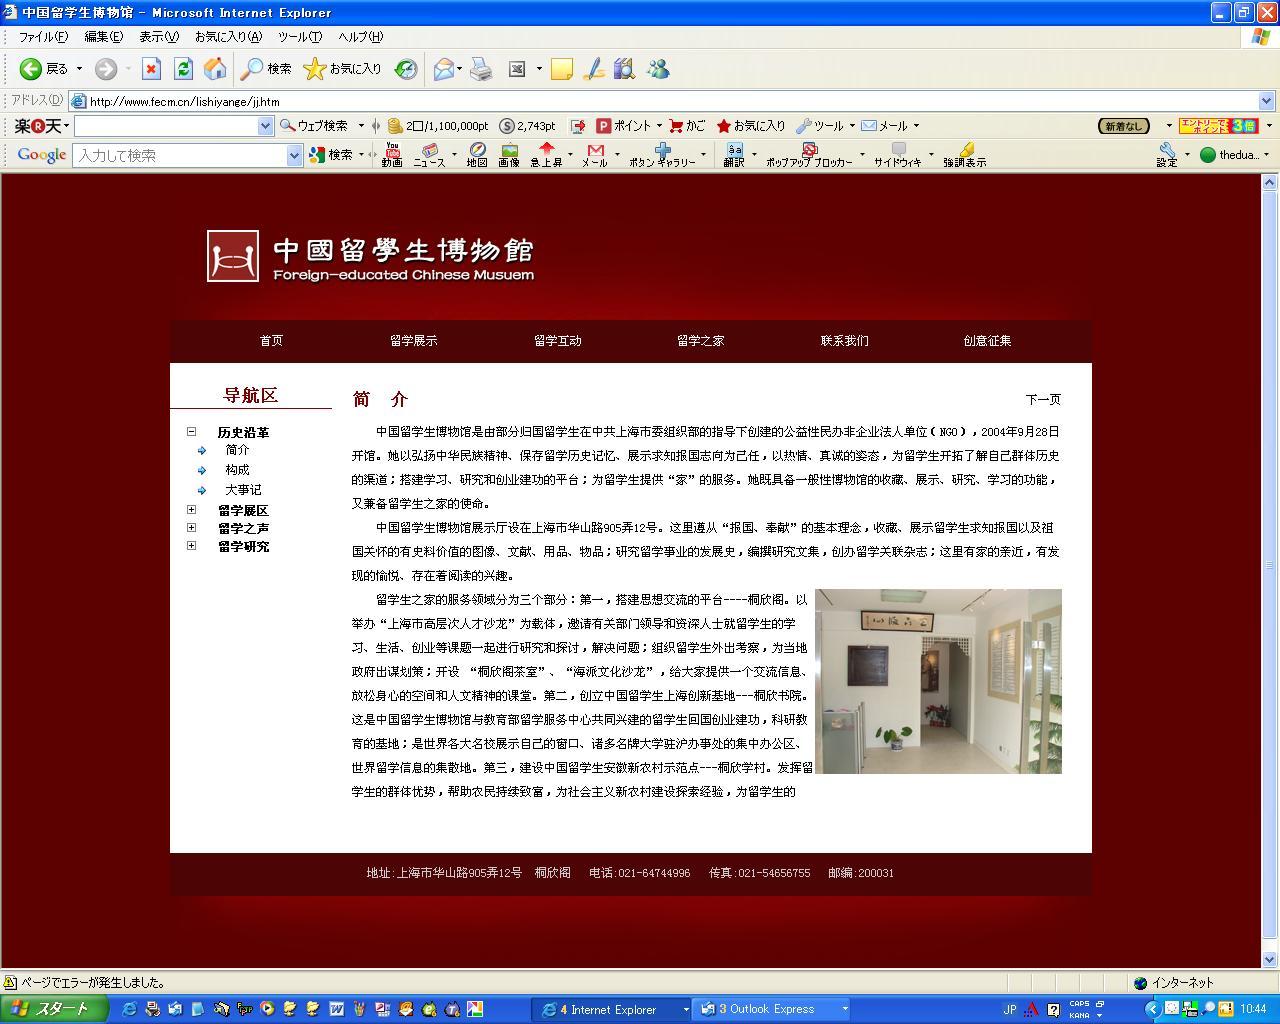 李克辛さん 中国留学生博物館を創設 上海_d0027795_10465845.jpg